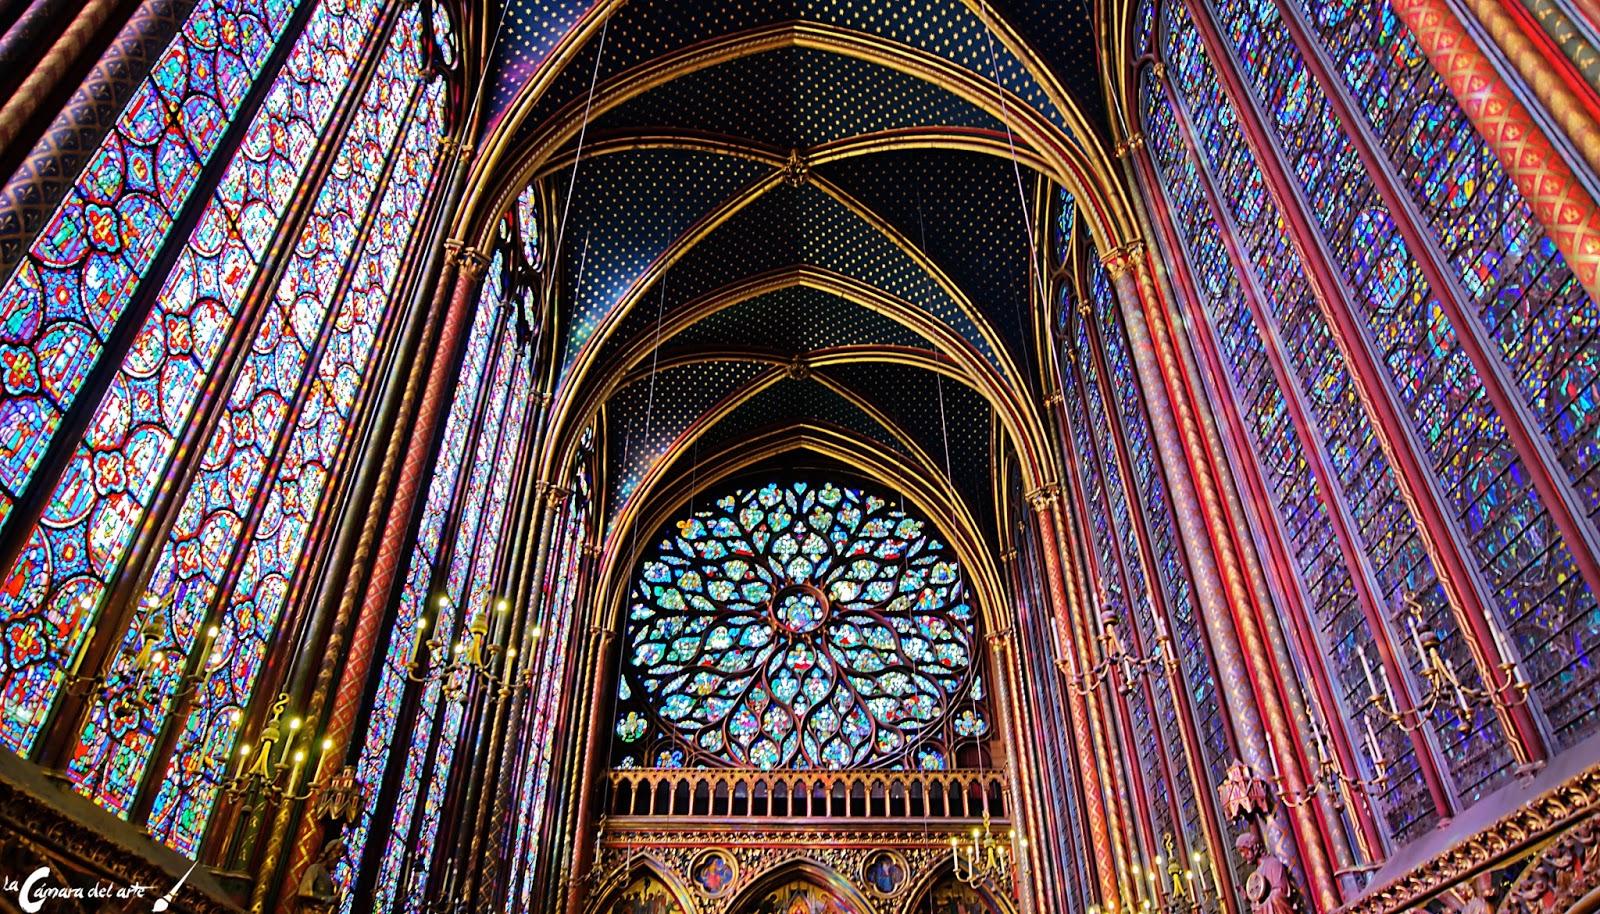 Sainte Chapelle | La Cámara del Arte